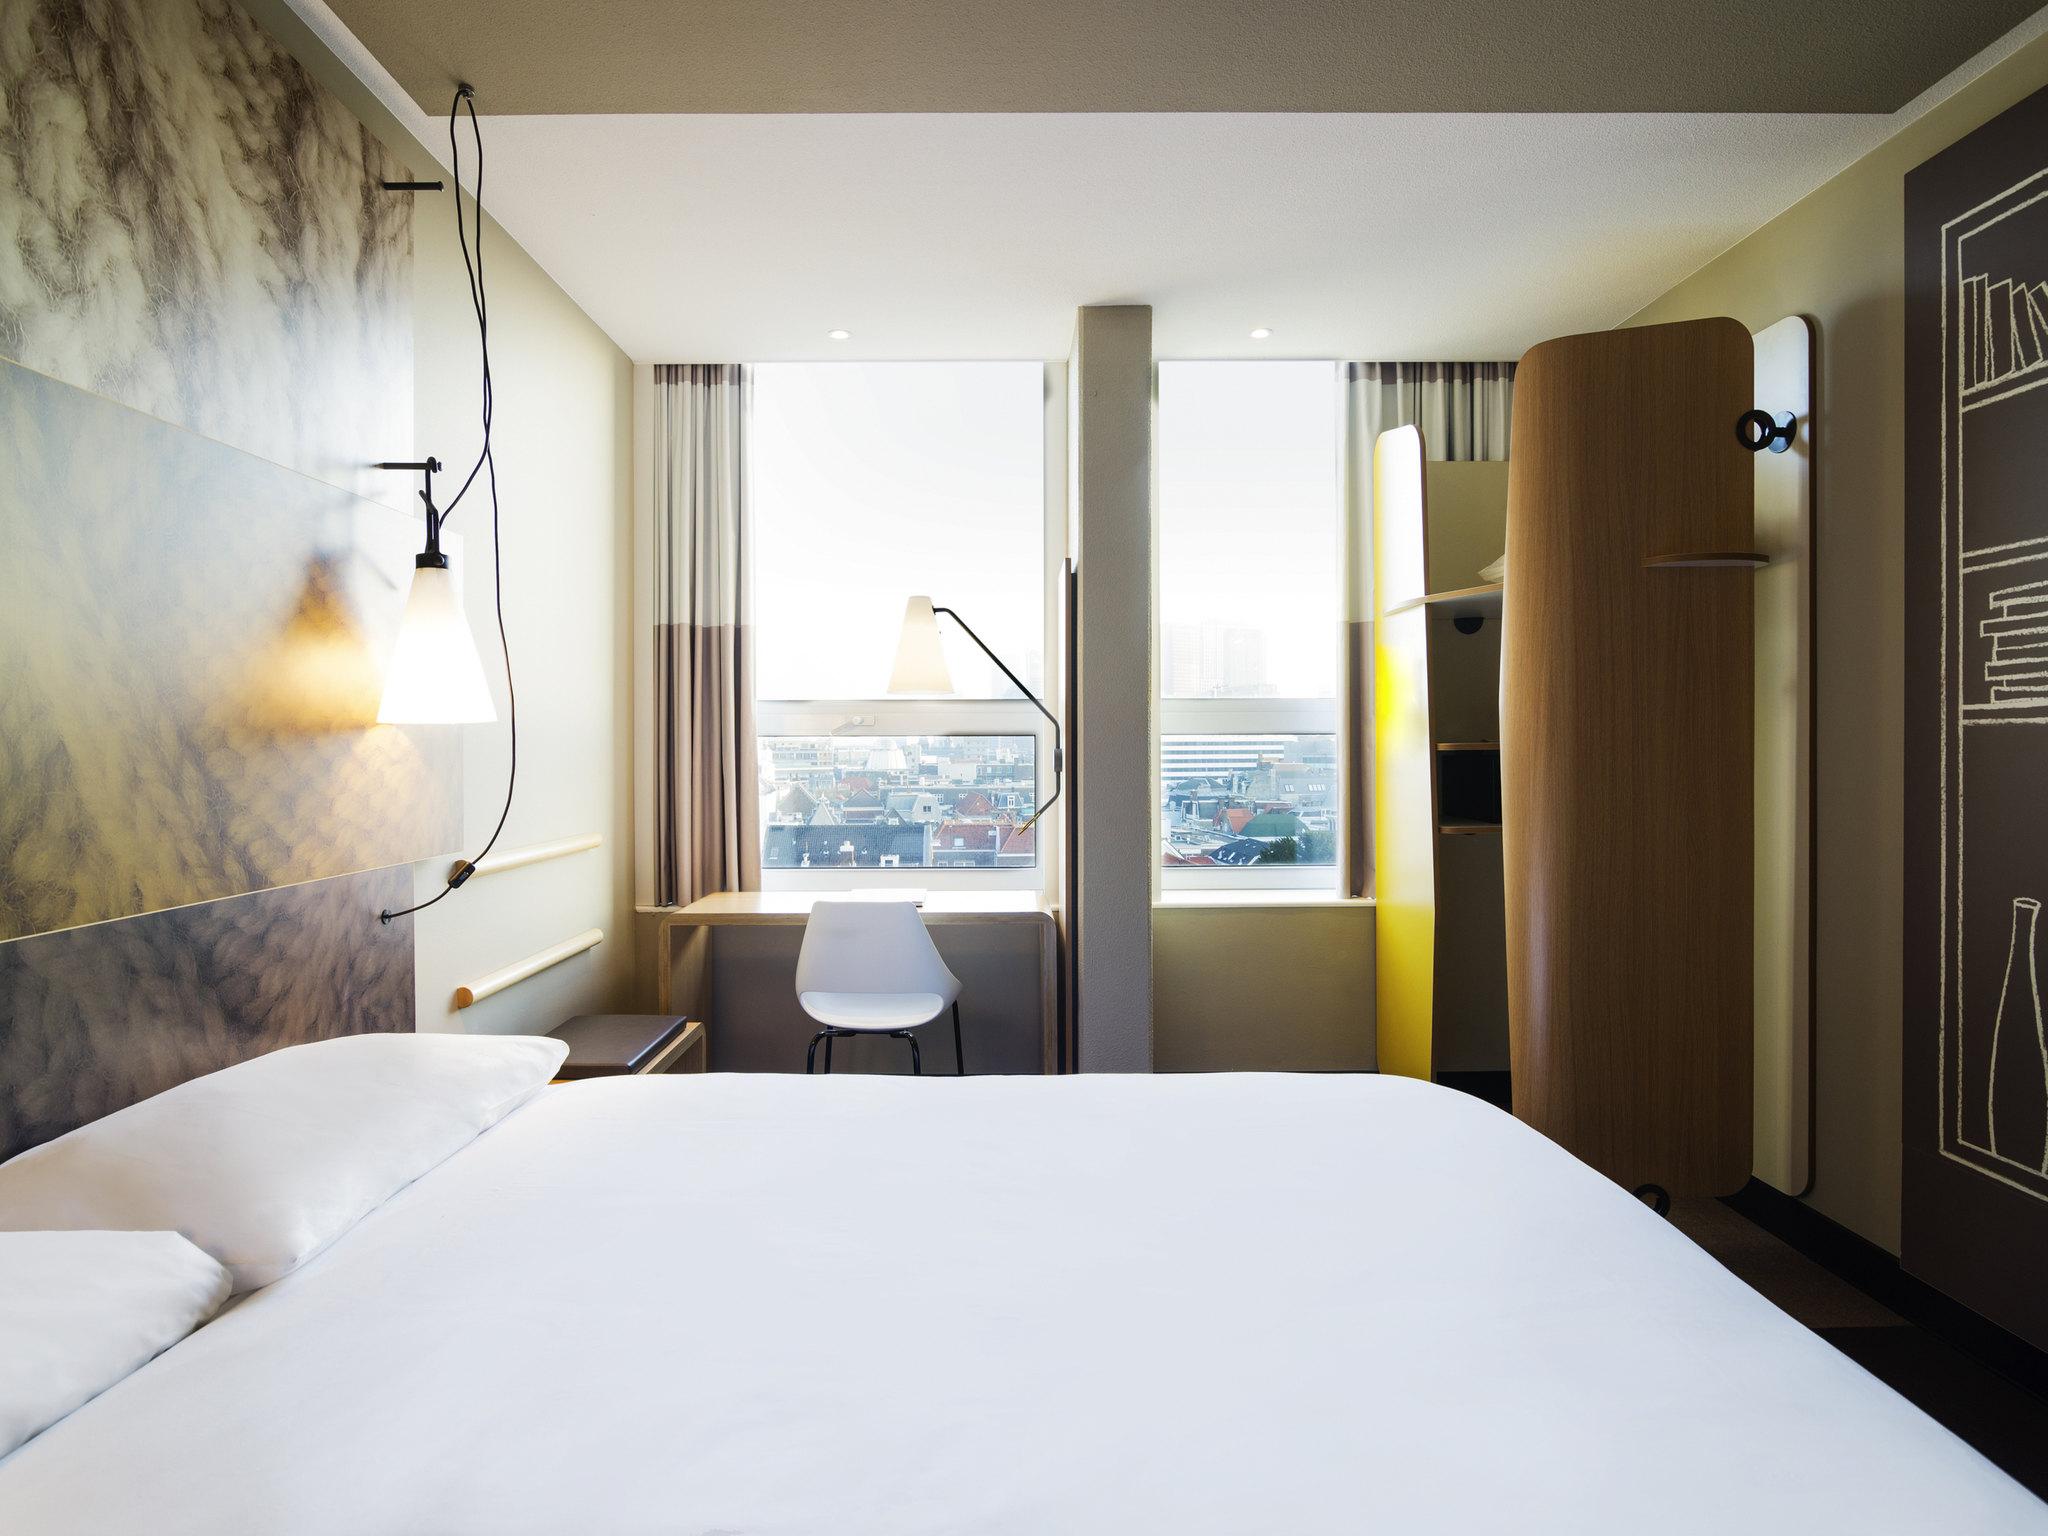 โรงแรม – ไอบิส เดน ฮาก ซิตี้ เซ็นเตอร์